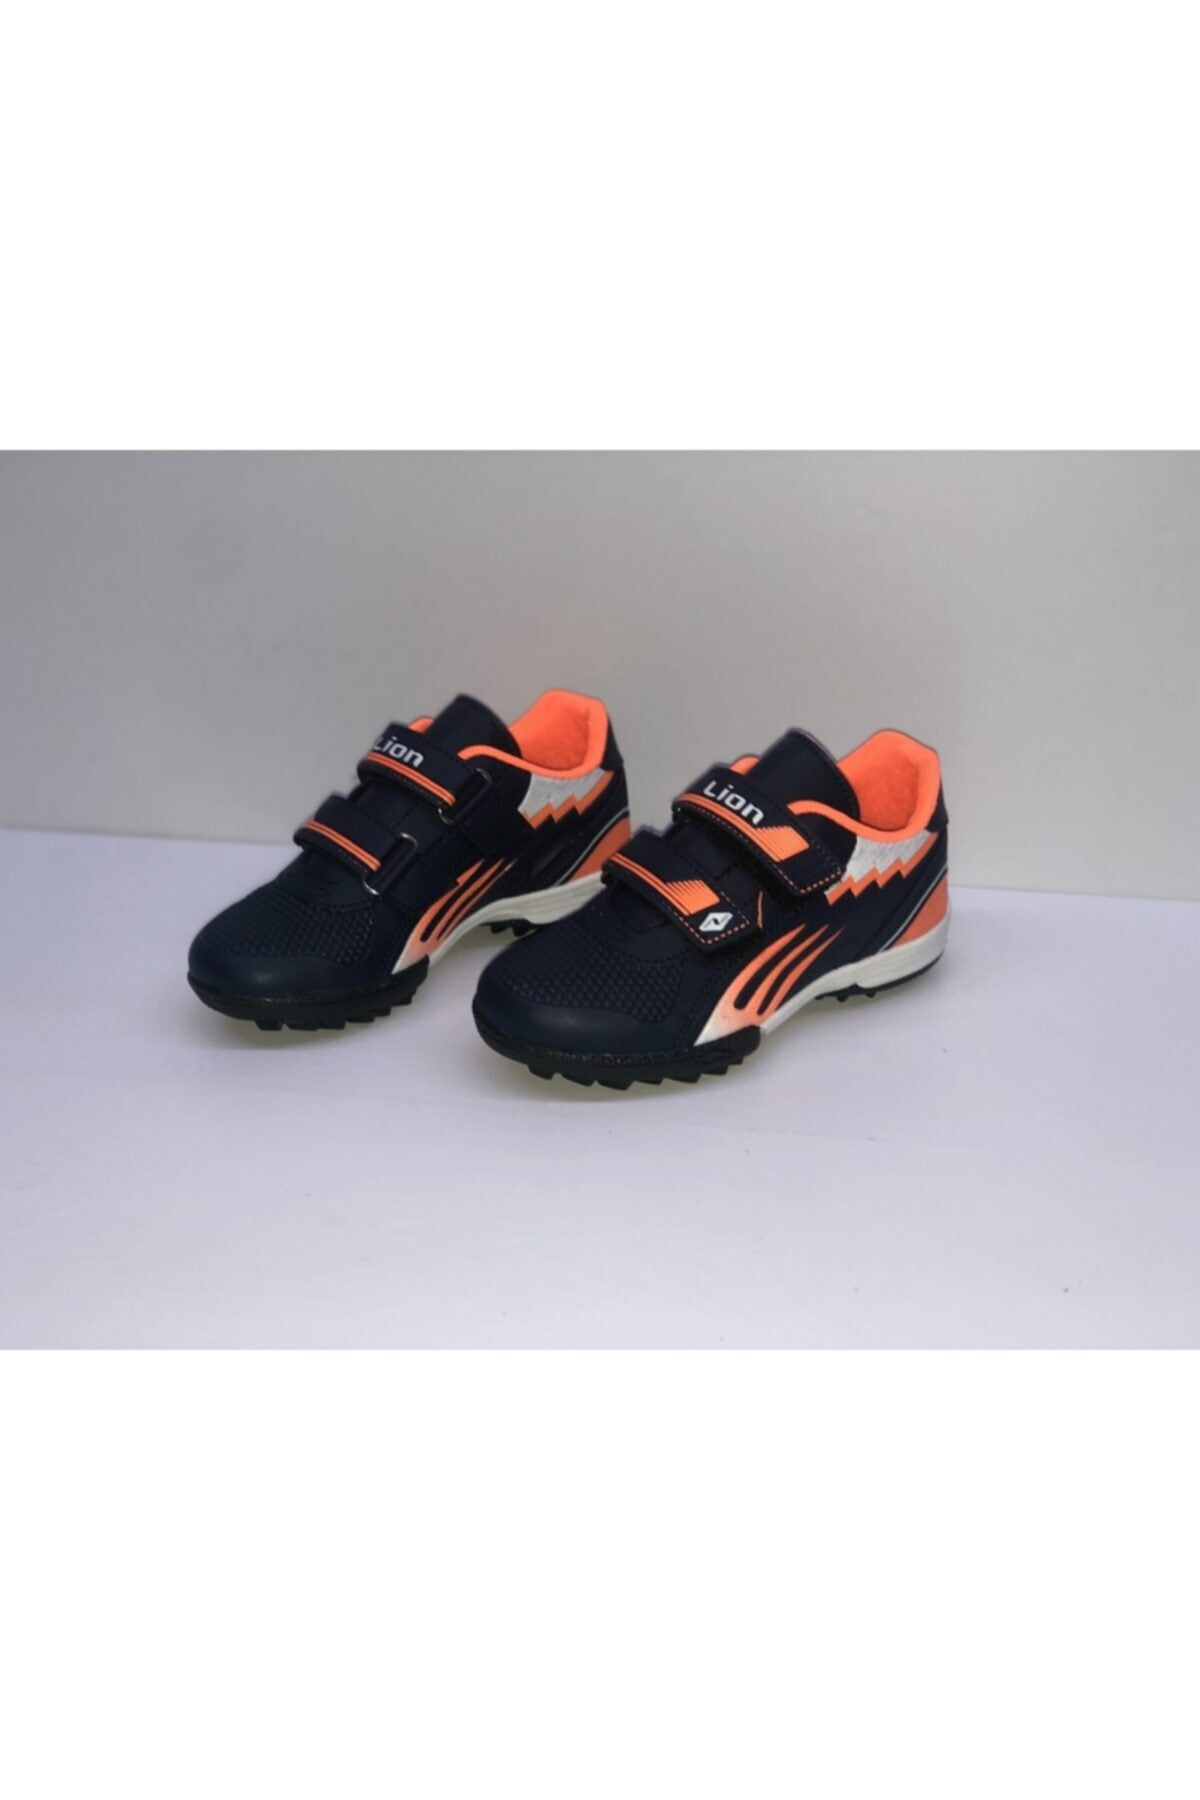 Lion Çocuk Top Ayakkabısı Halısaha Spor 1